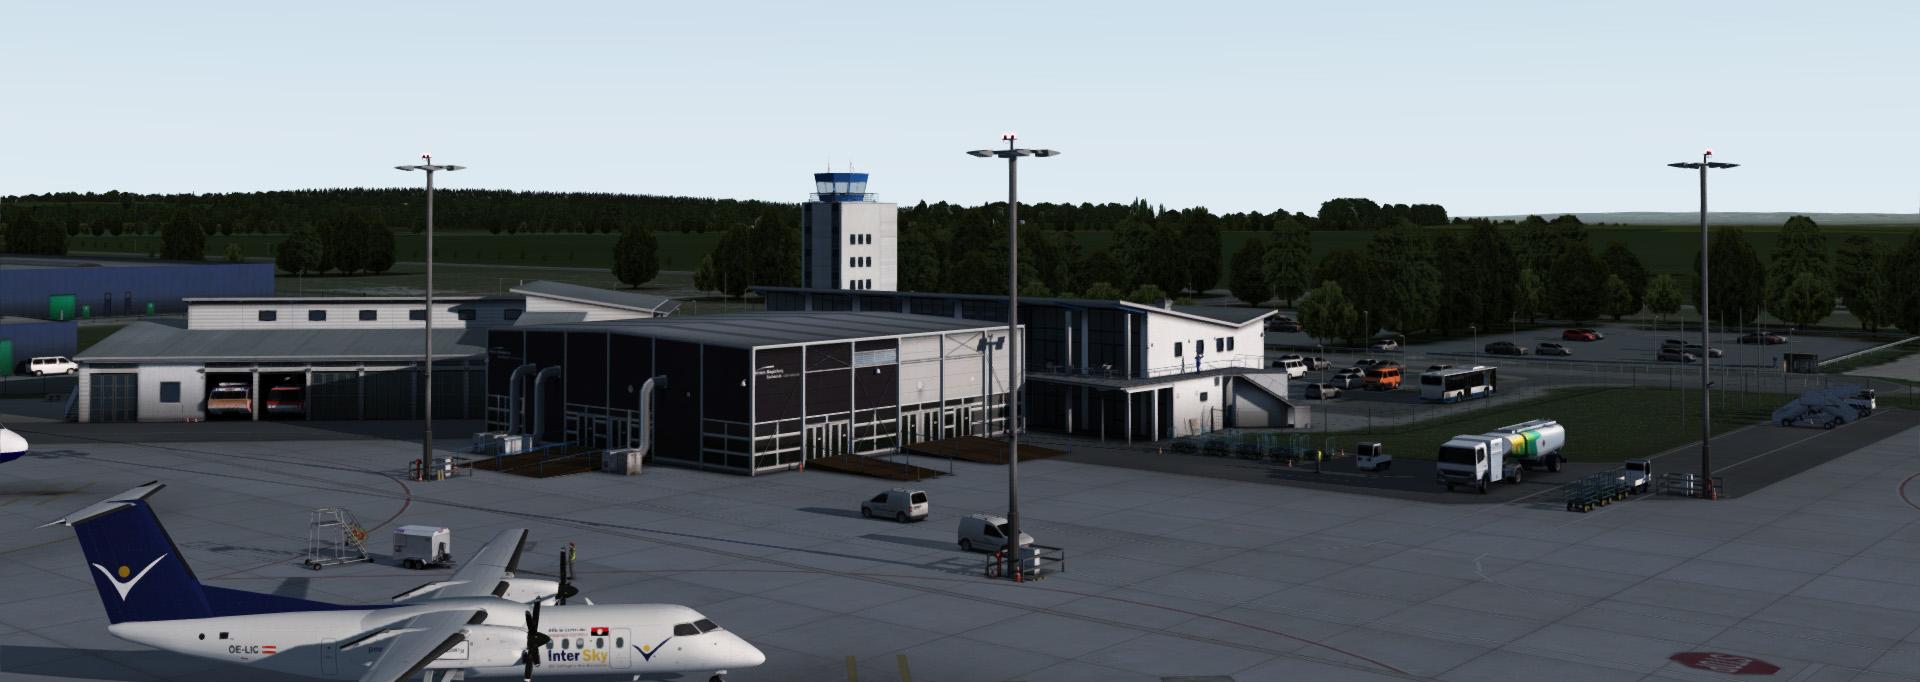 EDBC Magdeburg-Cochstedt